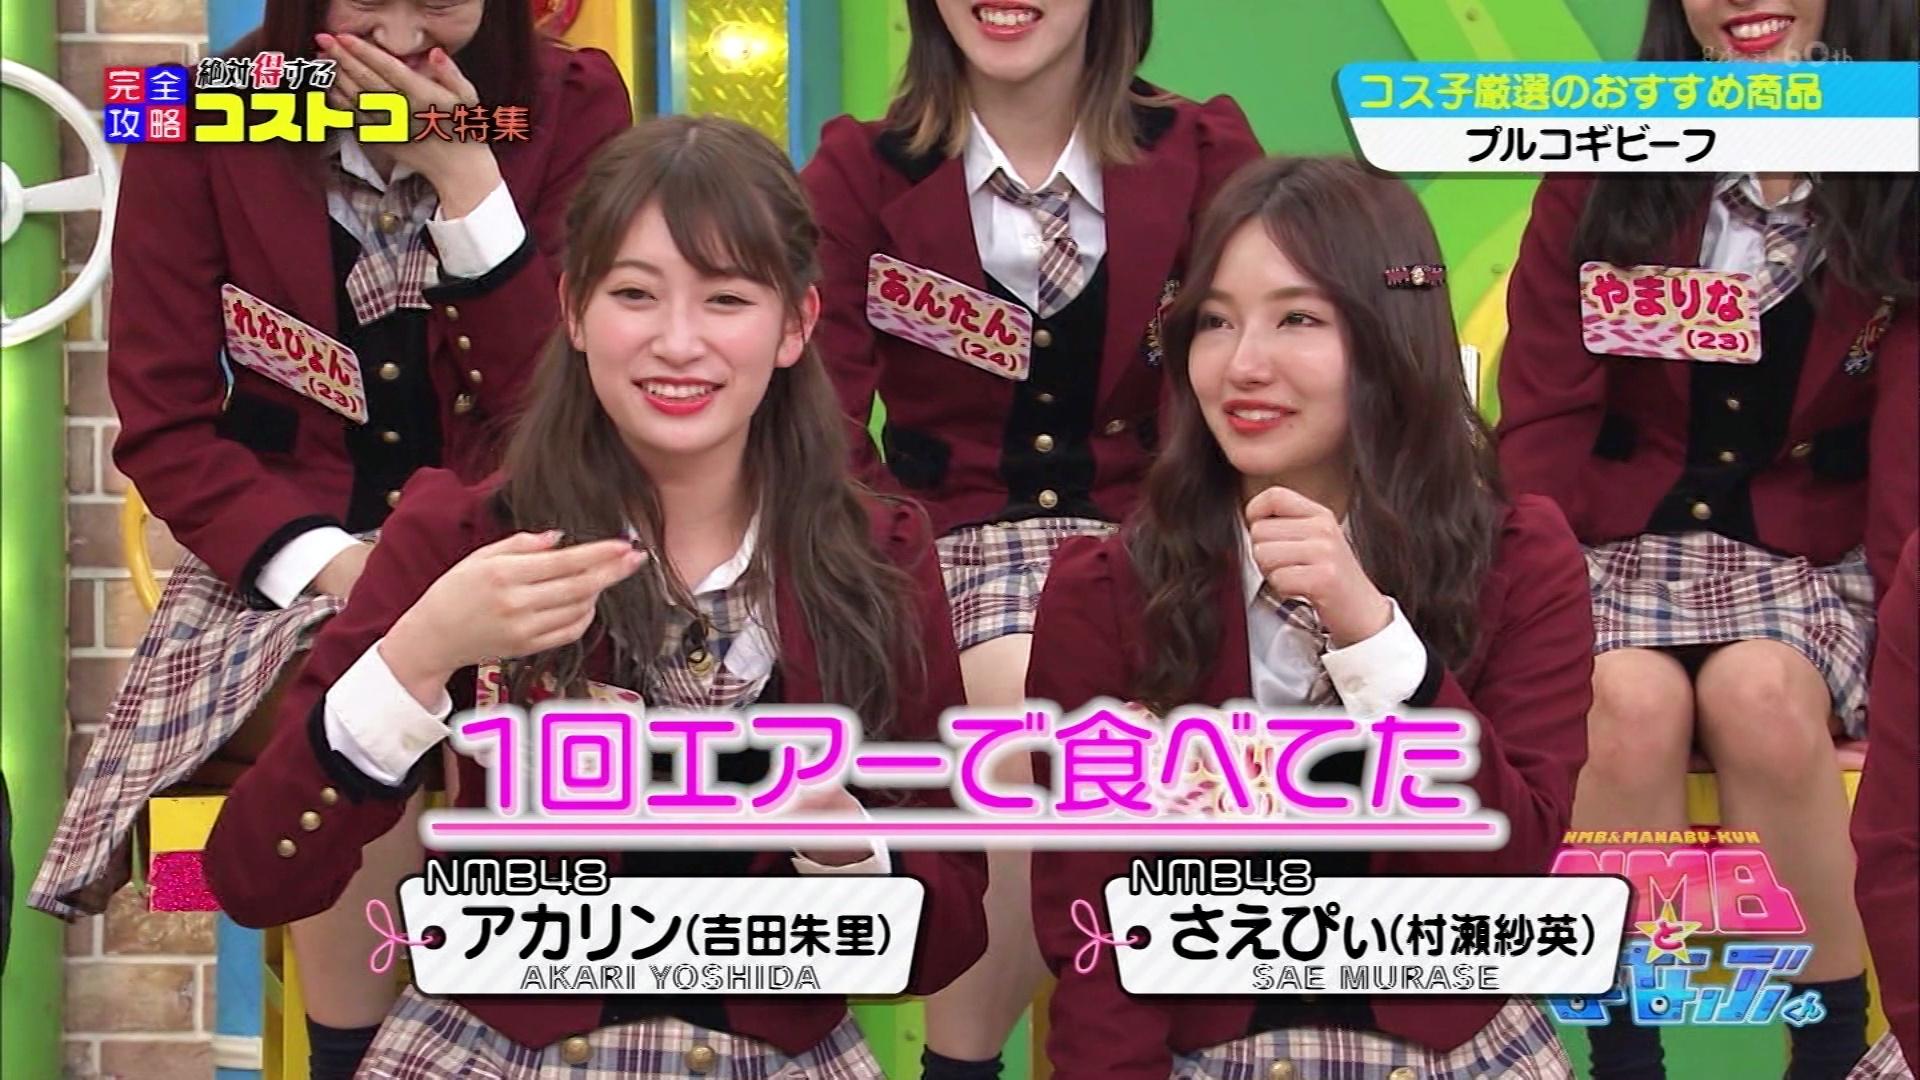 【NMB48】3月8日放送・NMBとまなぶくん♯297キャプ画像。コス子さんのコストコ徹底レクチャー。